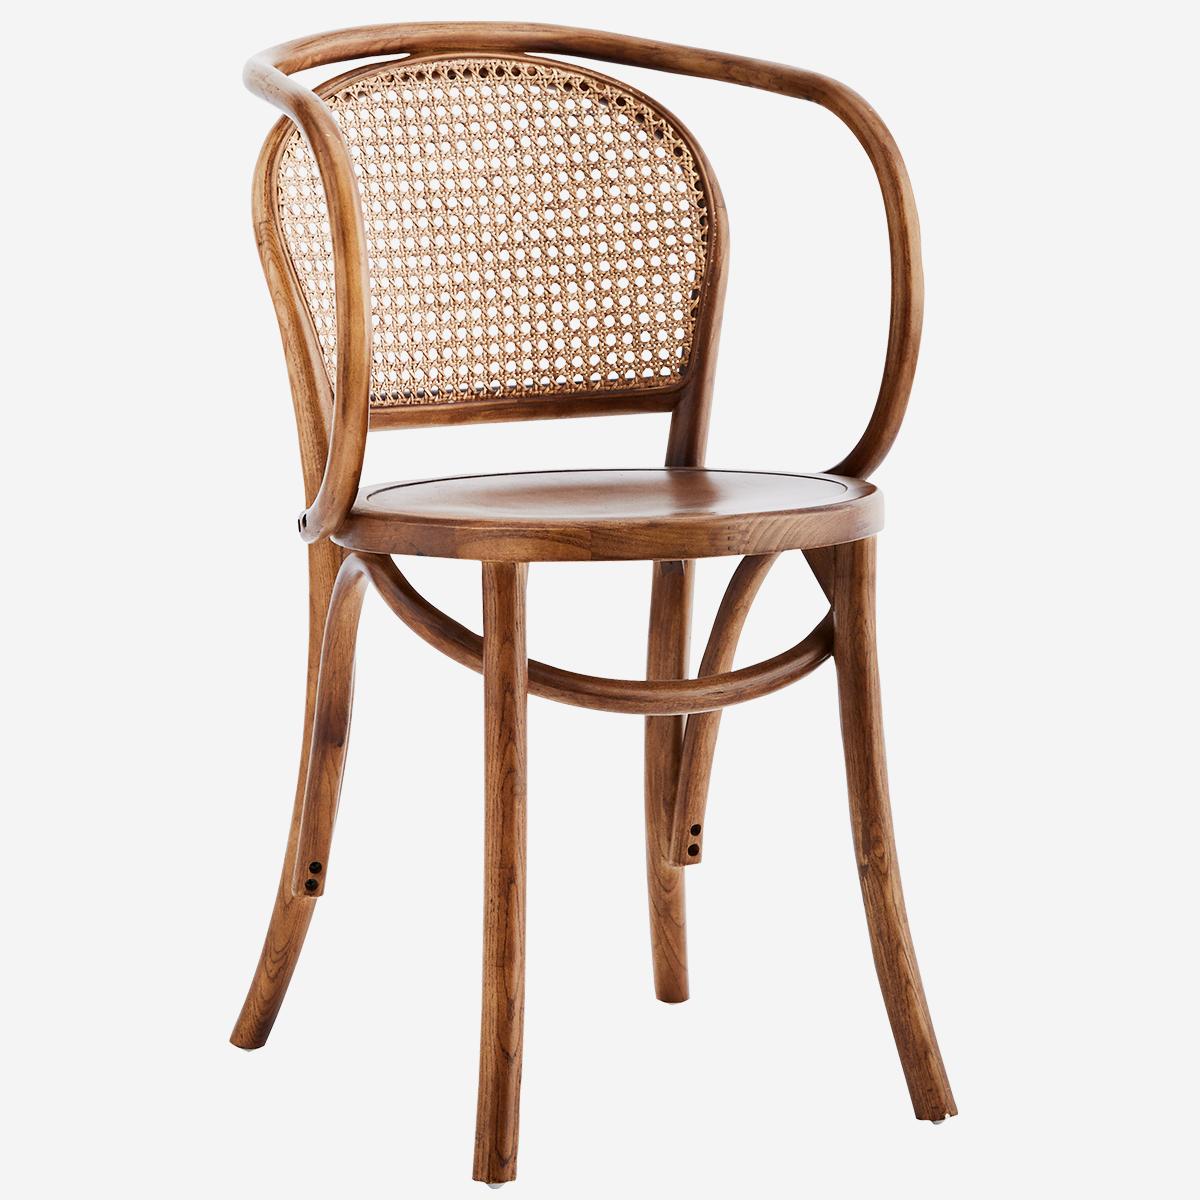 Chaise en bois d'orme et cannage